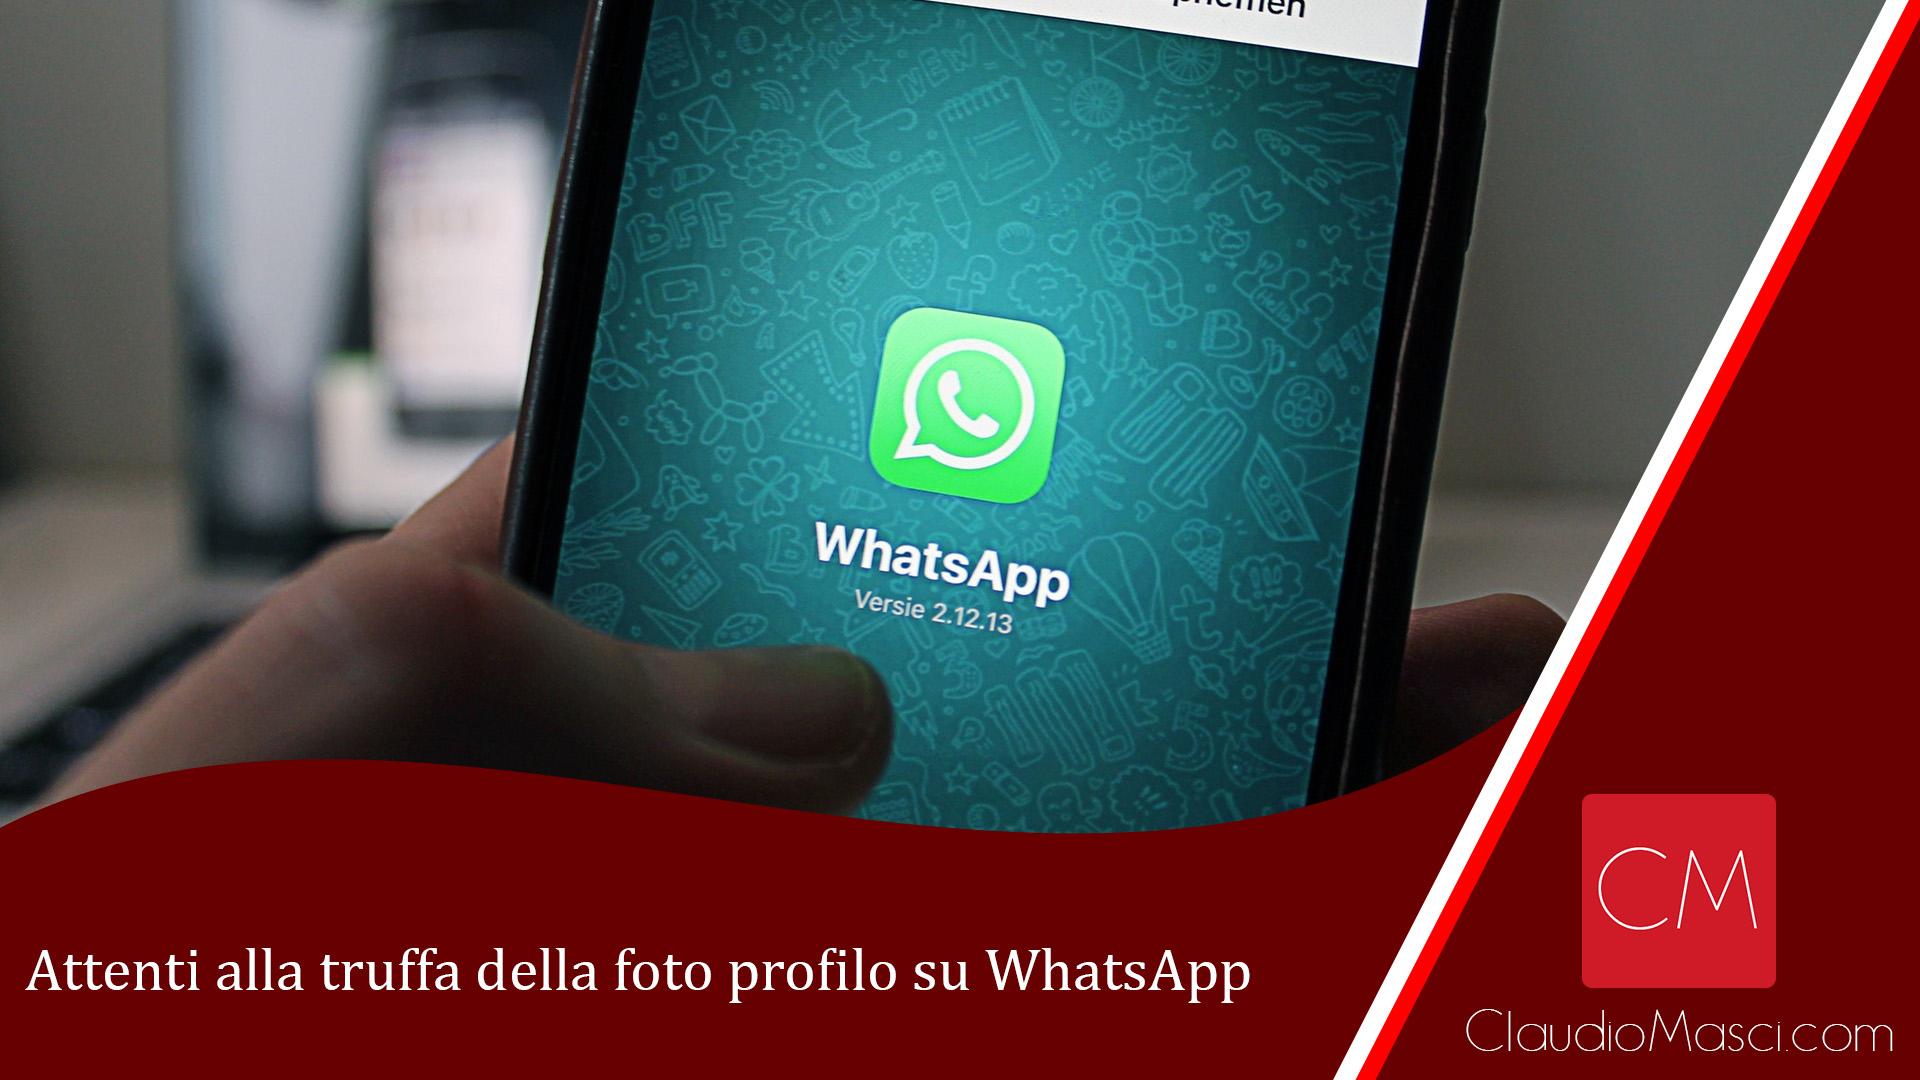 Attenti alla truffa della foto profilo su WhatsApp